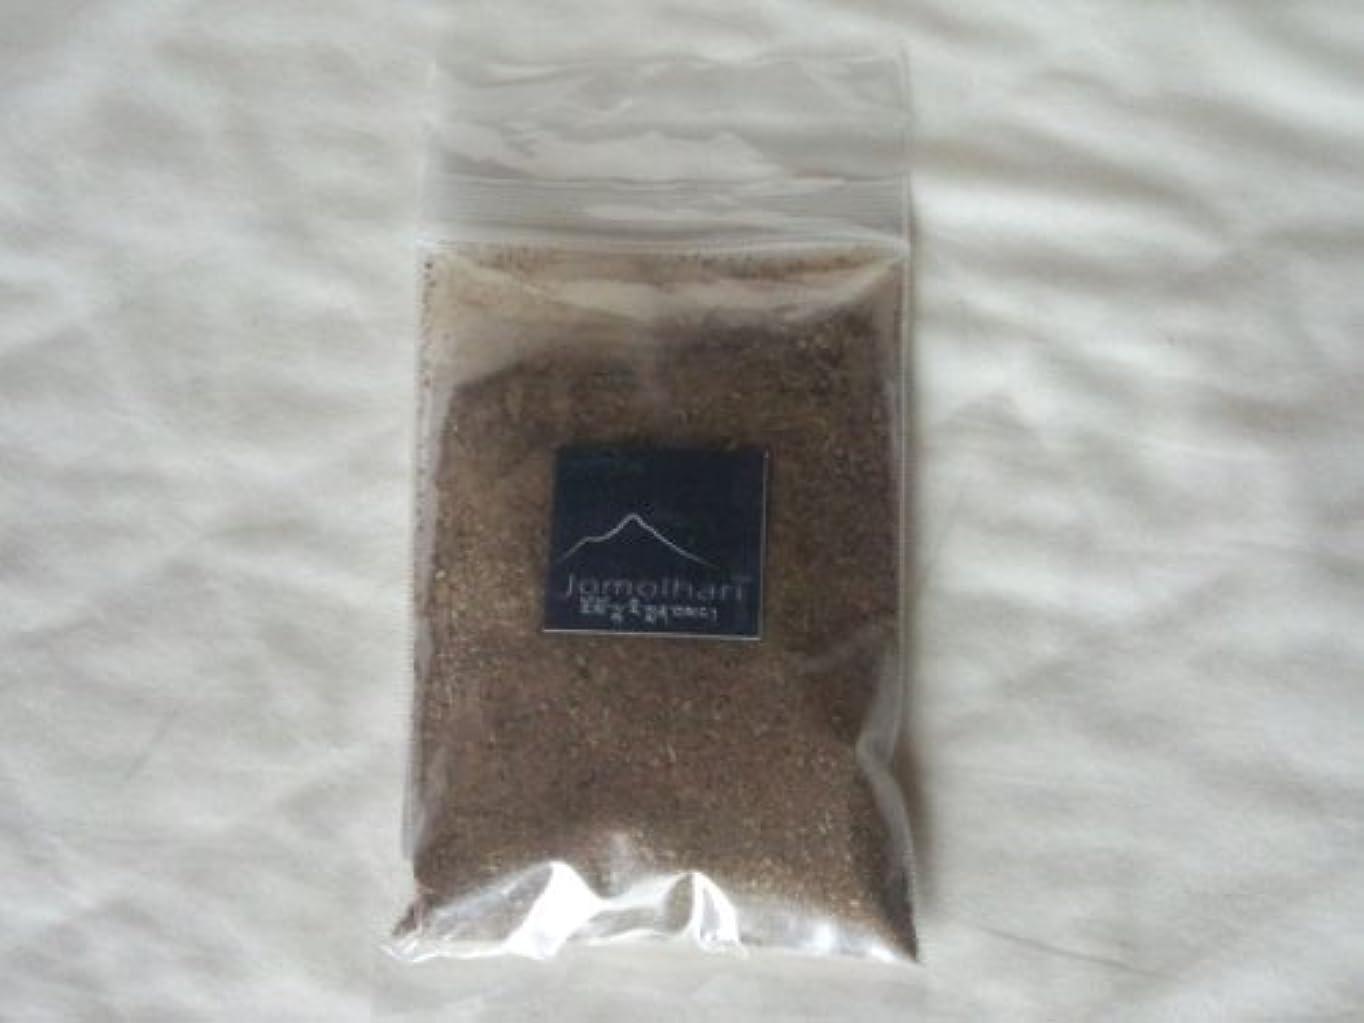 ルート不適当ハイキングチミ香/ジョモラリ(パウダーインセンス)50g  Jomolhari - Powder